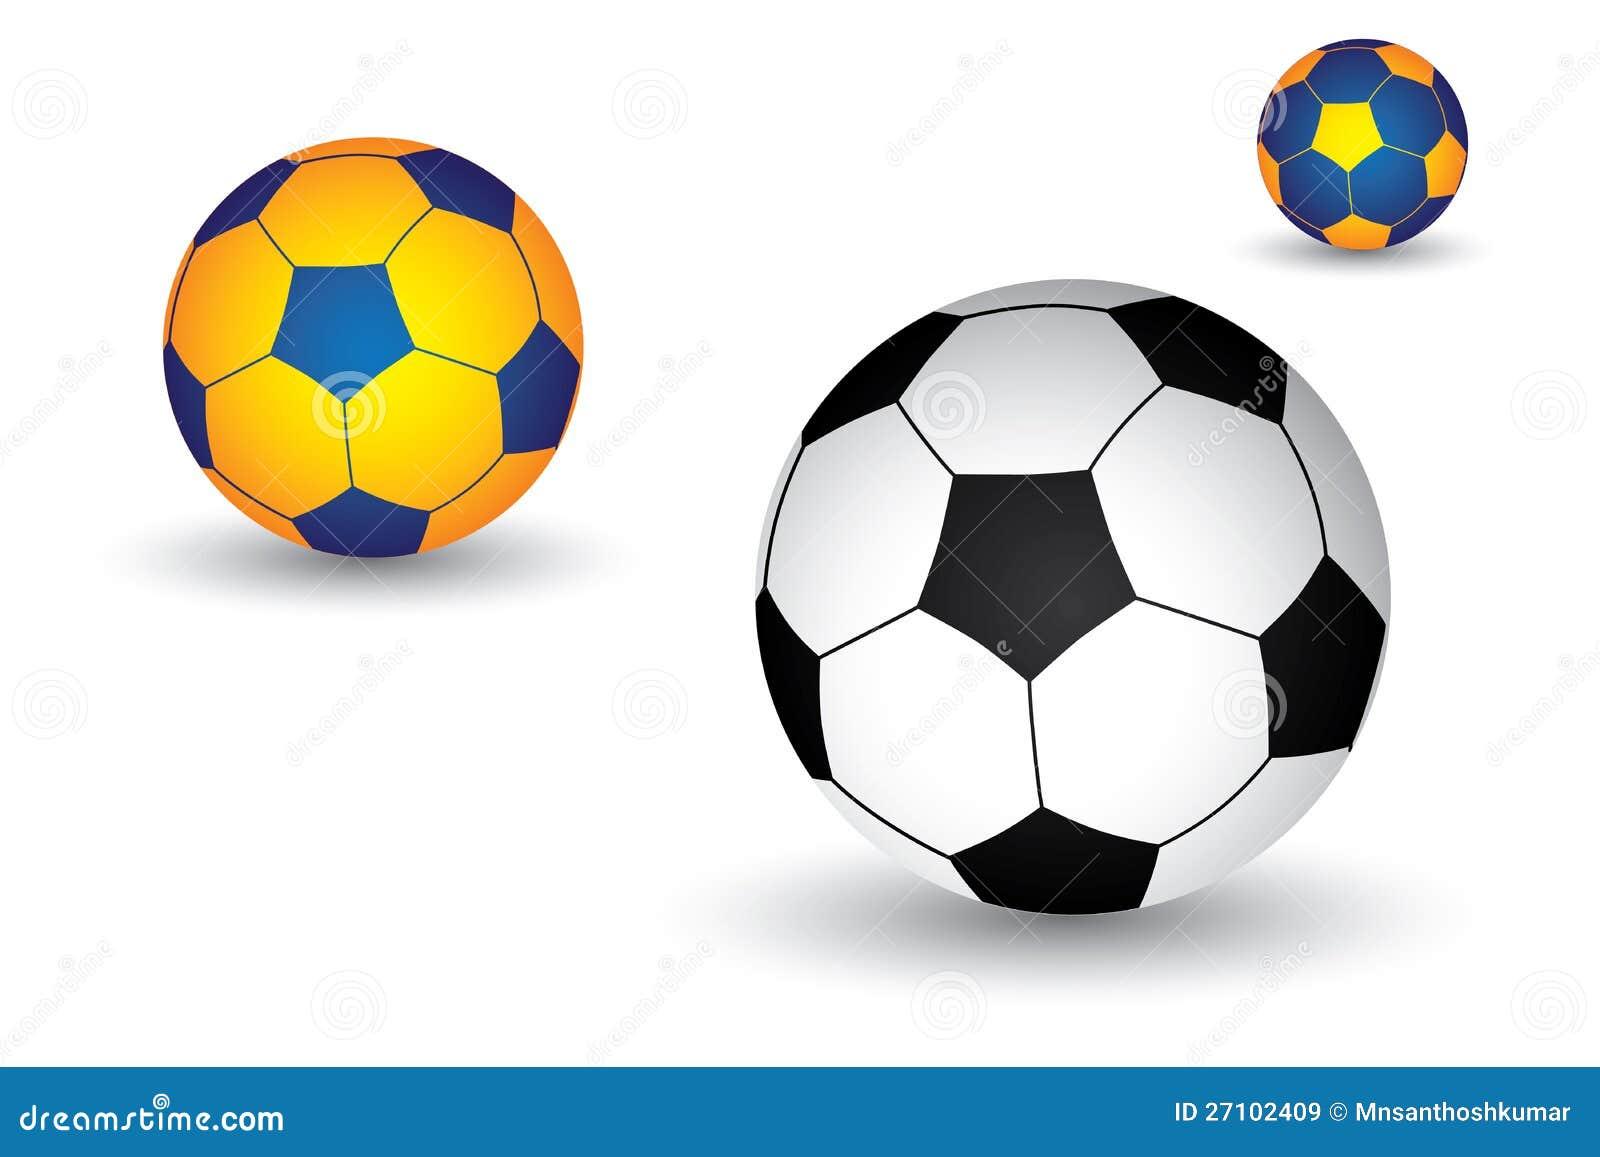 Van het voetbal voetbal de bal in zwart wit kleur royalty vrije stock afbeeldingen - Sterke witte werpen en de bal ...